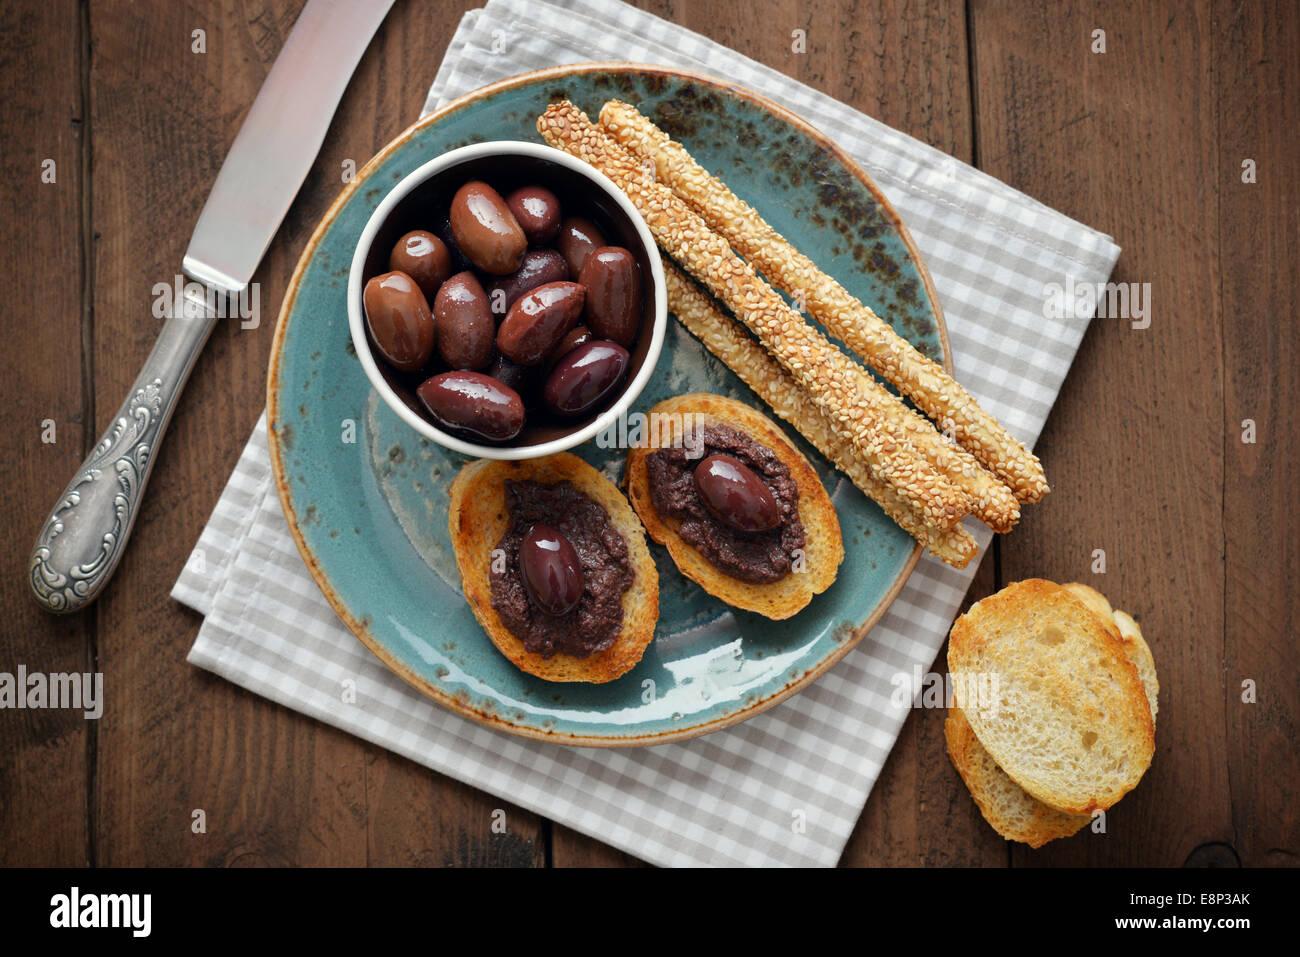 Brot mit Oliven Pastete auf Platte Closeup. Griechische Küche Stockbild